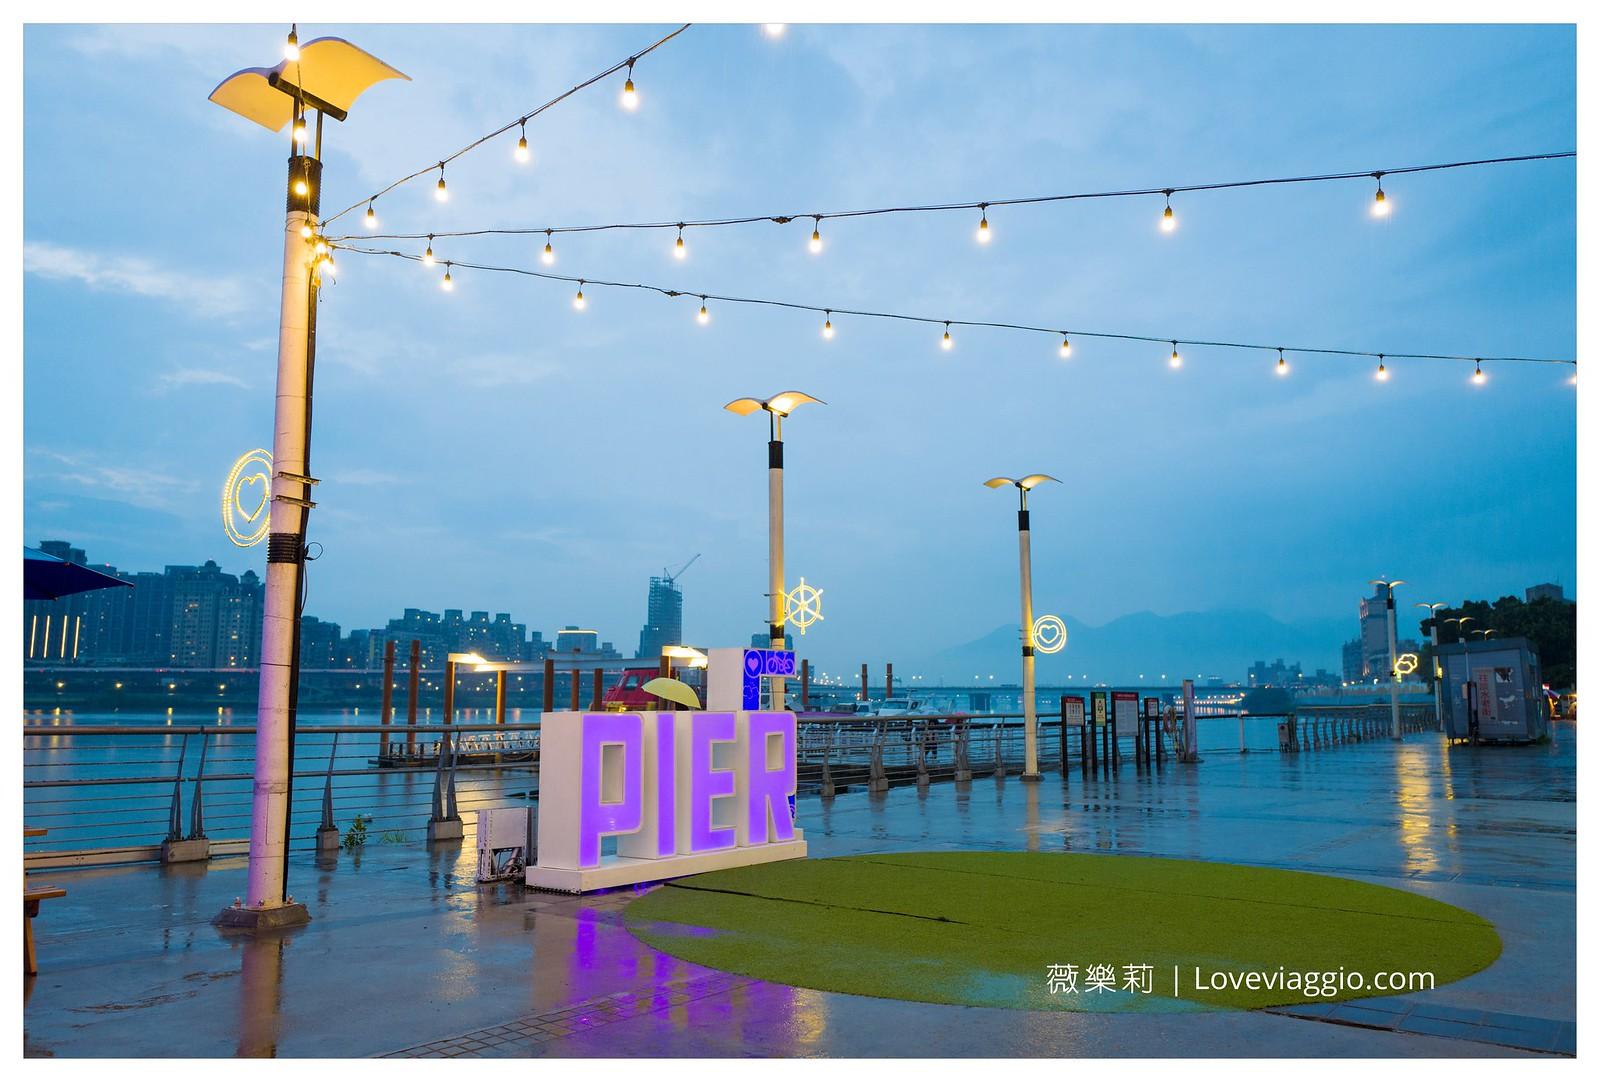 【台北 Taipei】Pier 5大稻埕貨櫃市集 B House百齡罈貨櫃酒吧 城市中的小基地 @薇樂莉 Love Viaggio | 旅行.生活.攝影